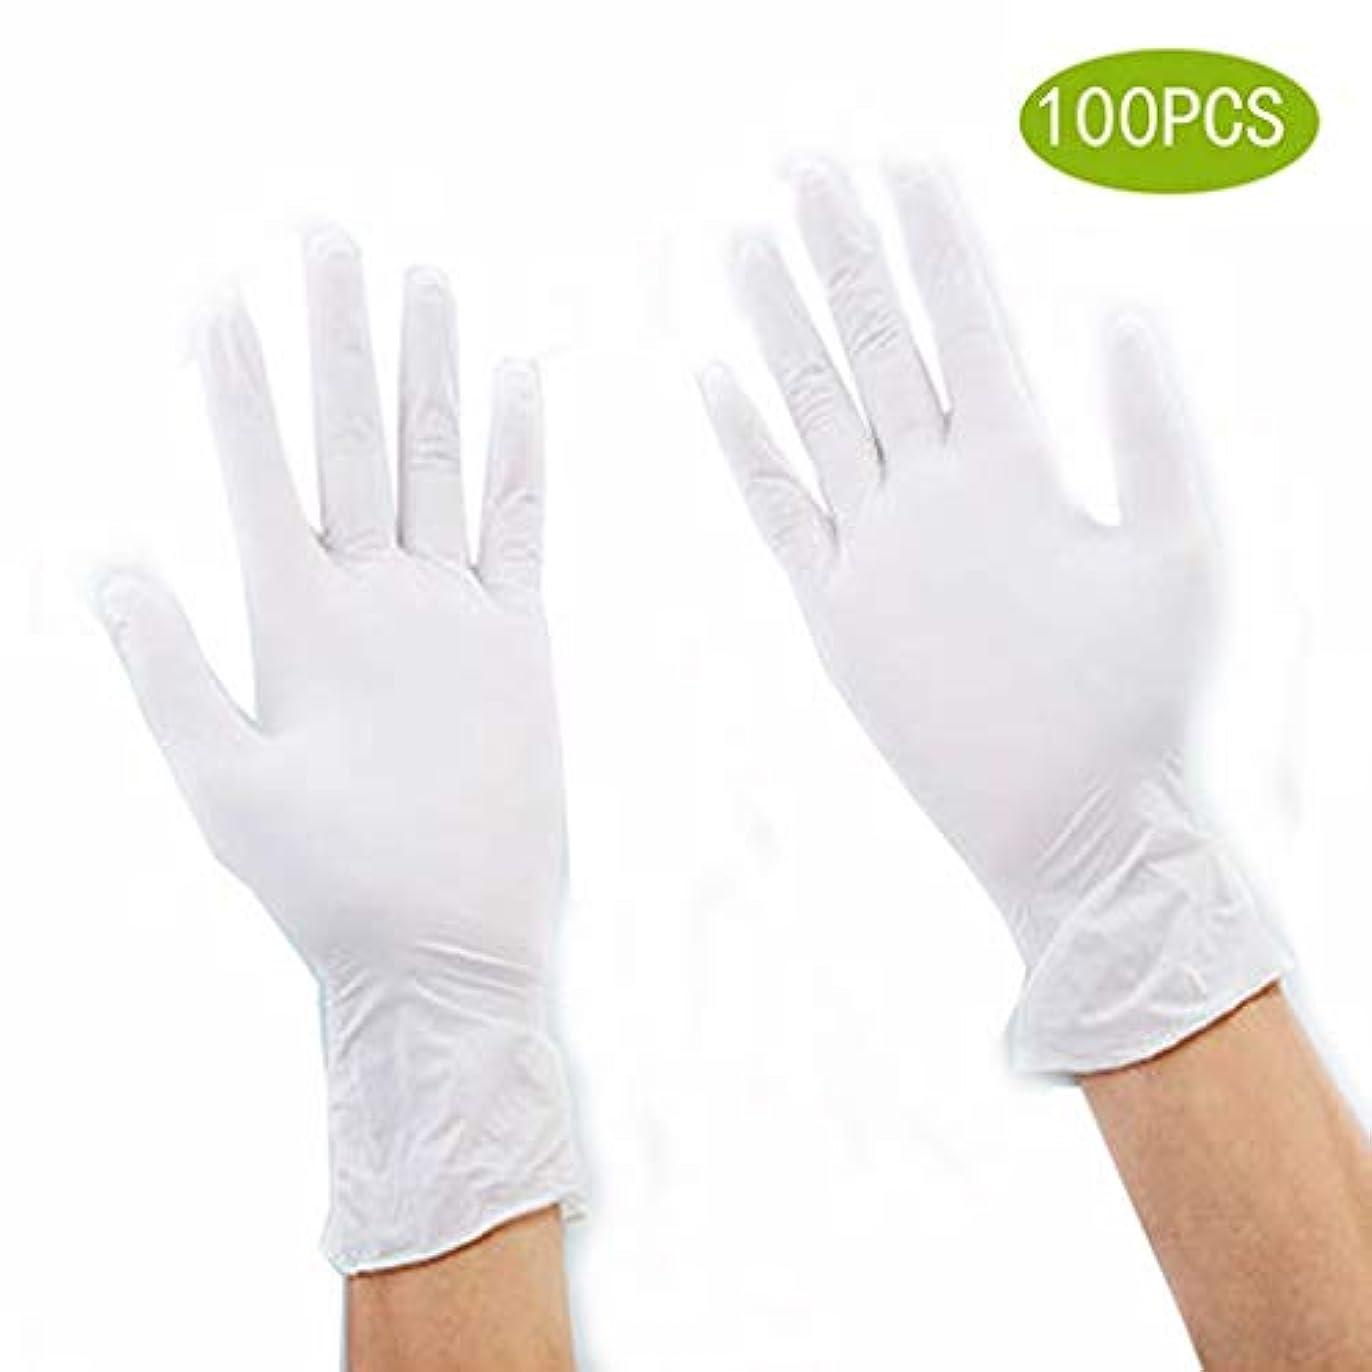 口述する広い汚染医療検査ニトリル手袋ボックス100、ラテックス/パウダーフリー、非滅菌手袋 - 安い、ディスカウント価格病院のための専門の等級、法執行機関、食糧販売業者、入れ墨の芸術家、家の使用 (Size : L)